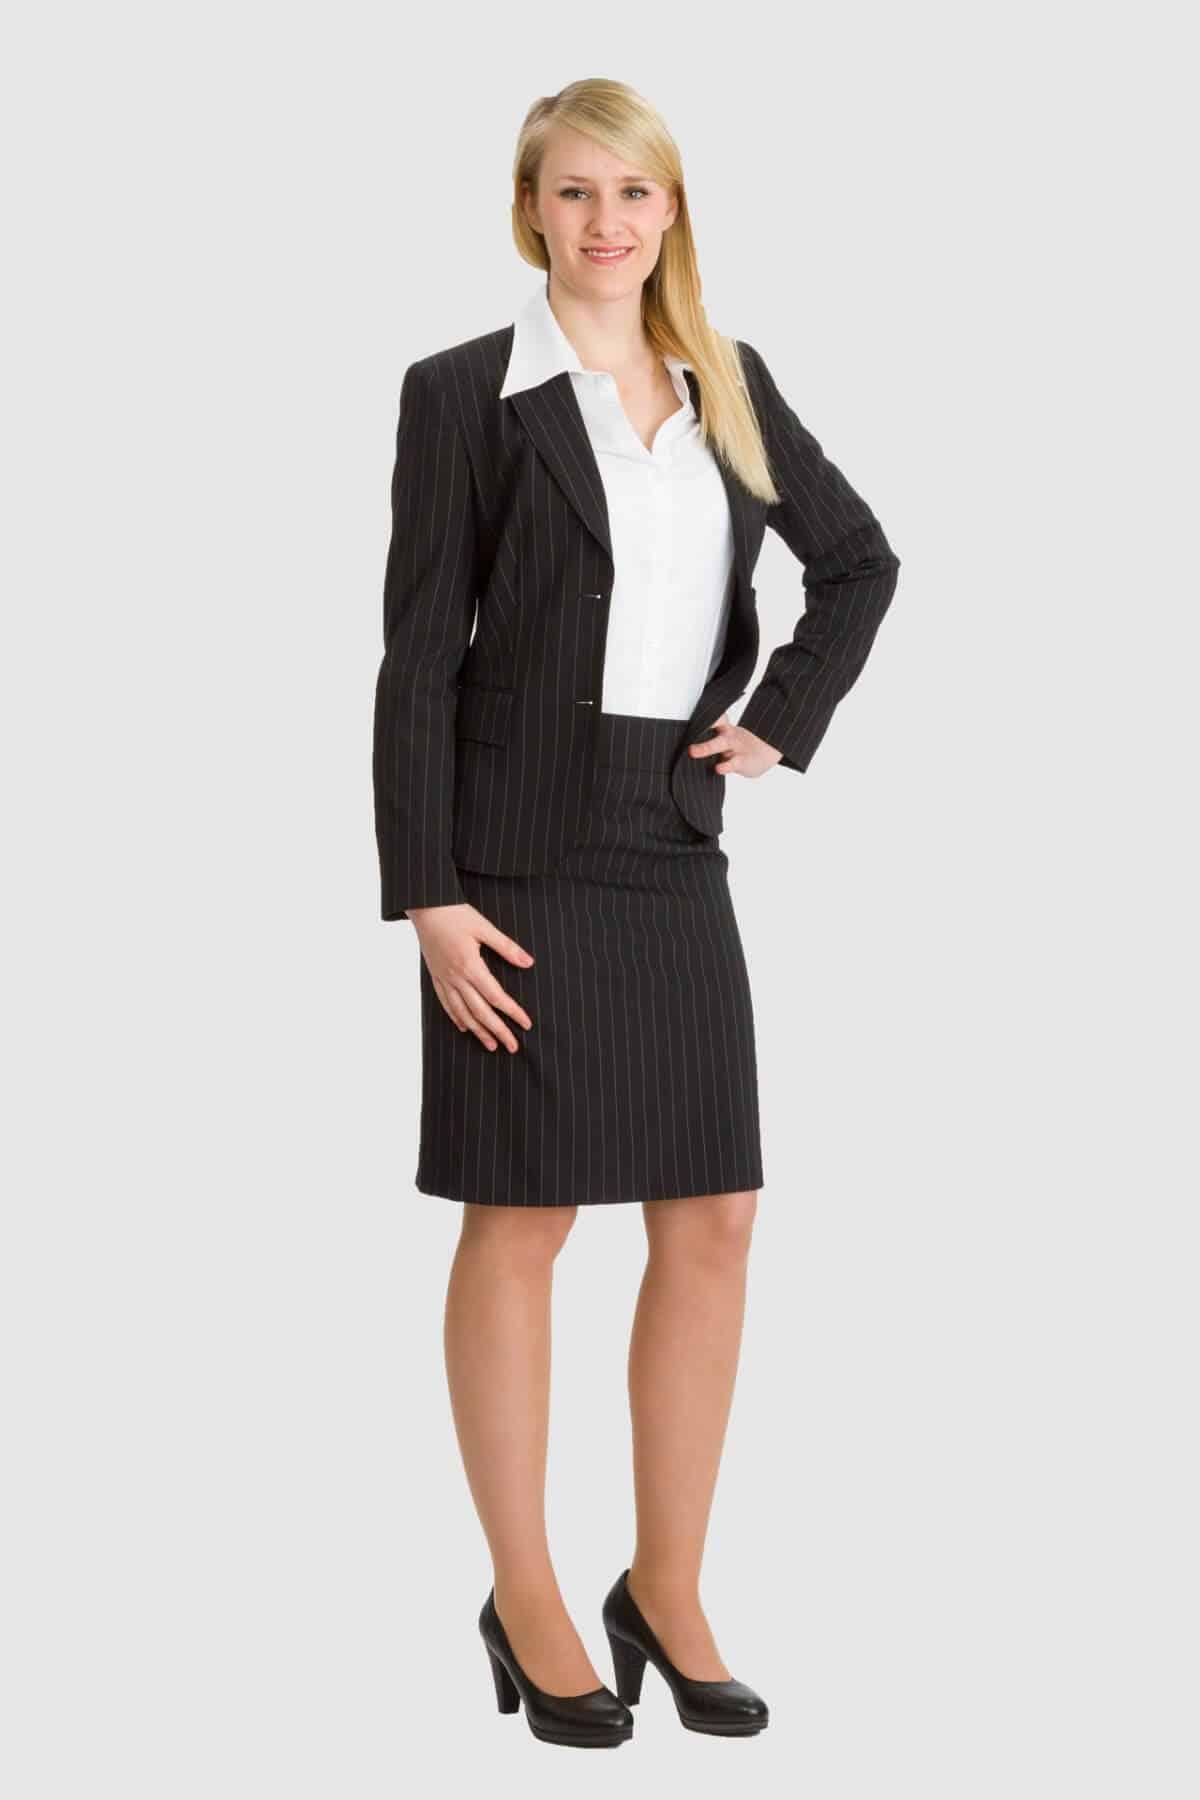 Betty Barclay schwarzes Kostüm mit Nadelstreifen